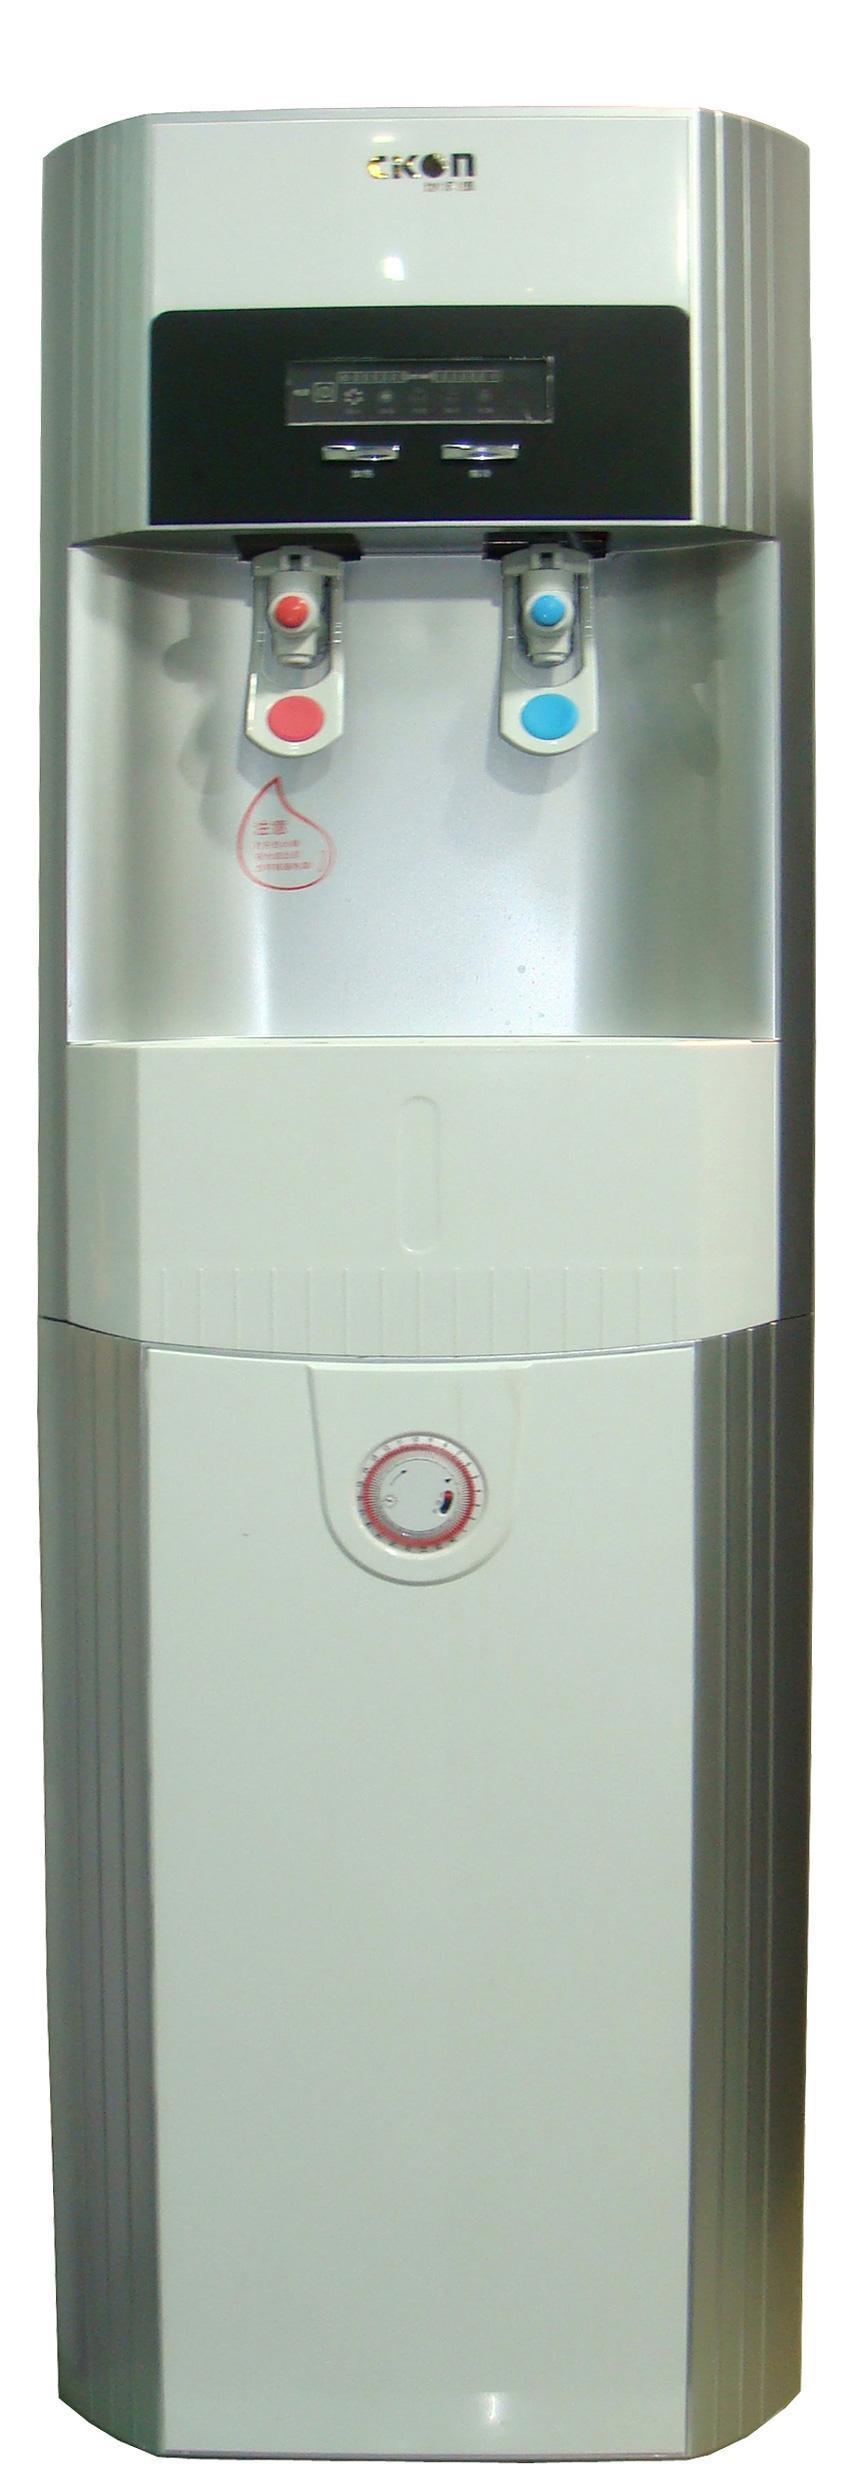 沁尔康立式一体机系列JSL-02GY05净水器JSL-02GY05